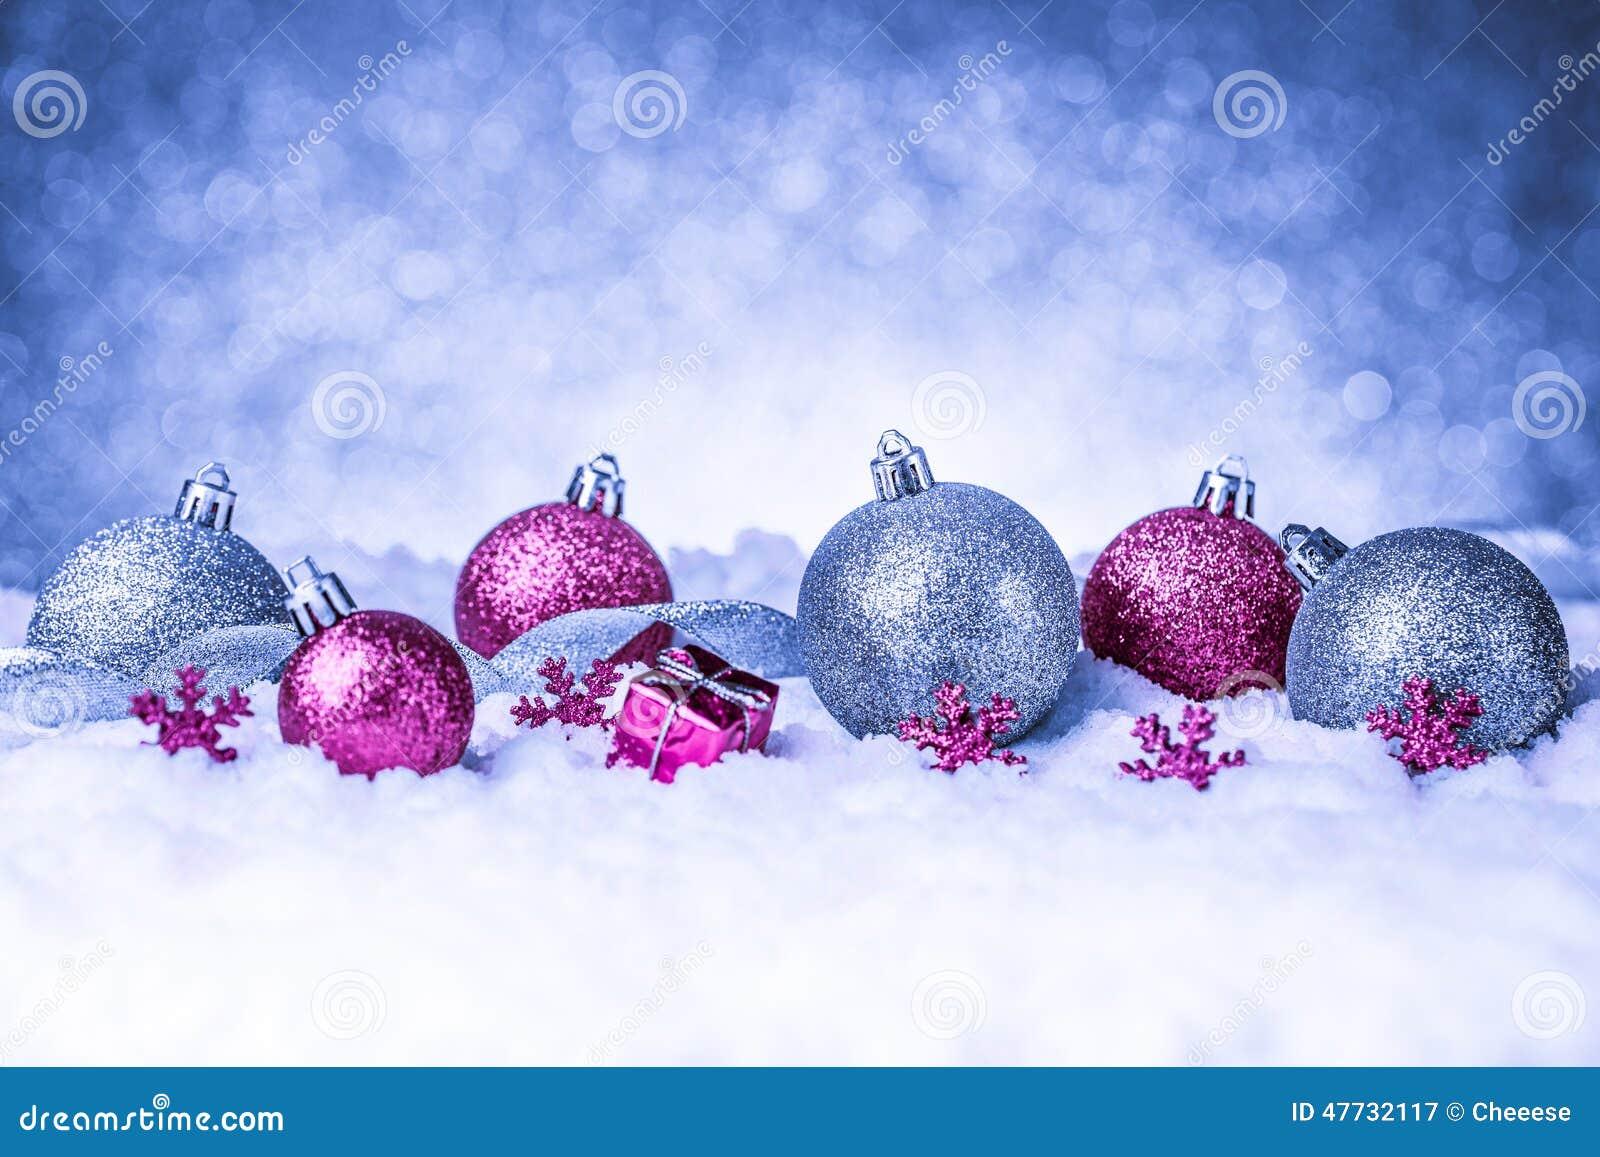 Glad jul och kort för lyckligt nytt år